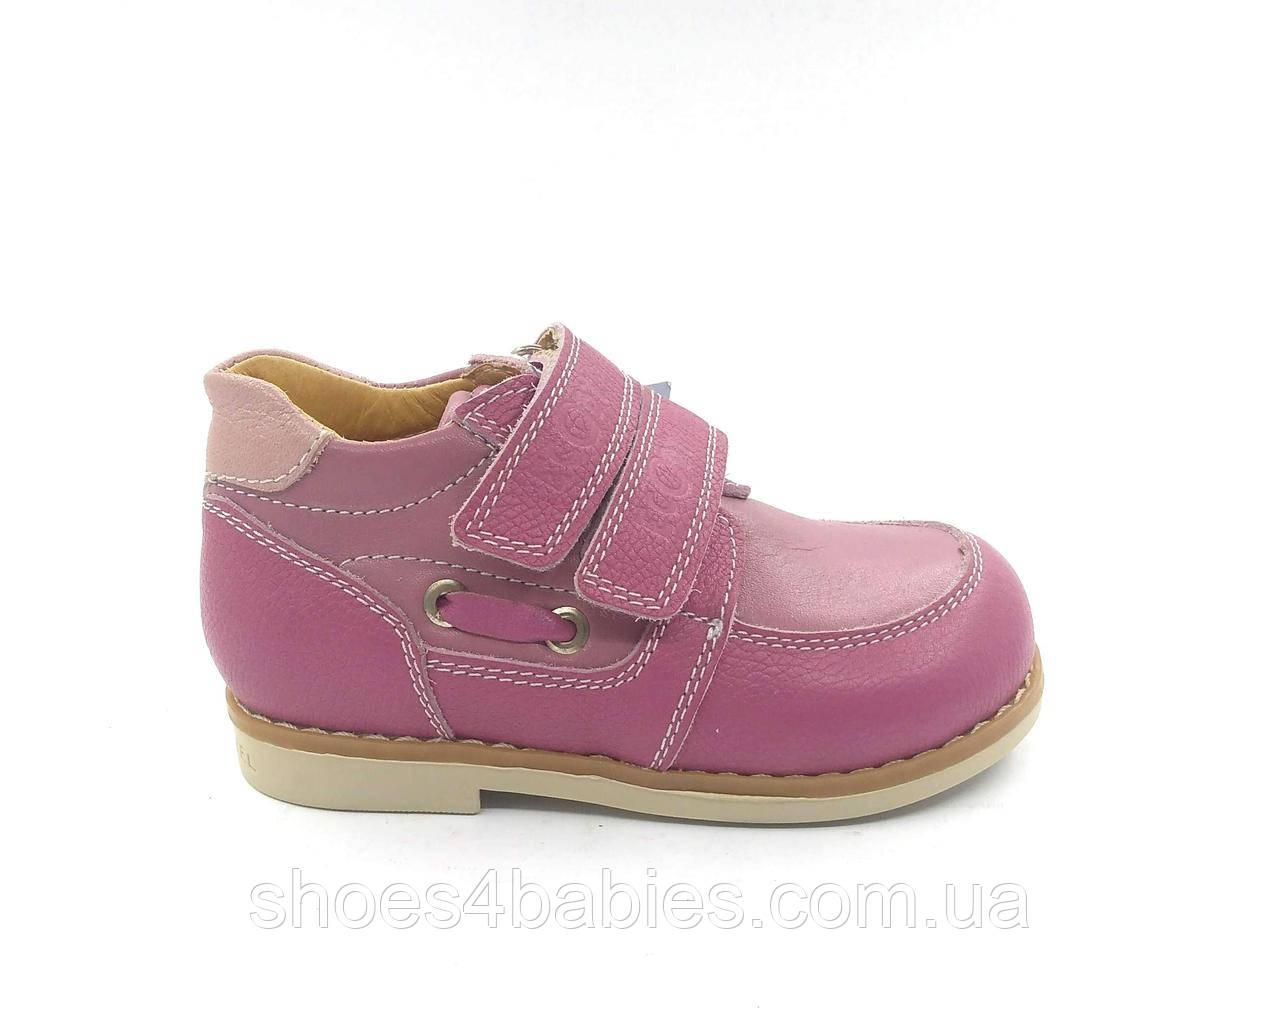 Детские ортопедические туфли, полуботинки Ecoby модель 104P р. 24 - 16 см